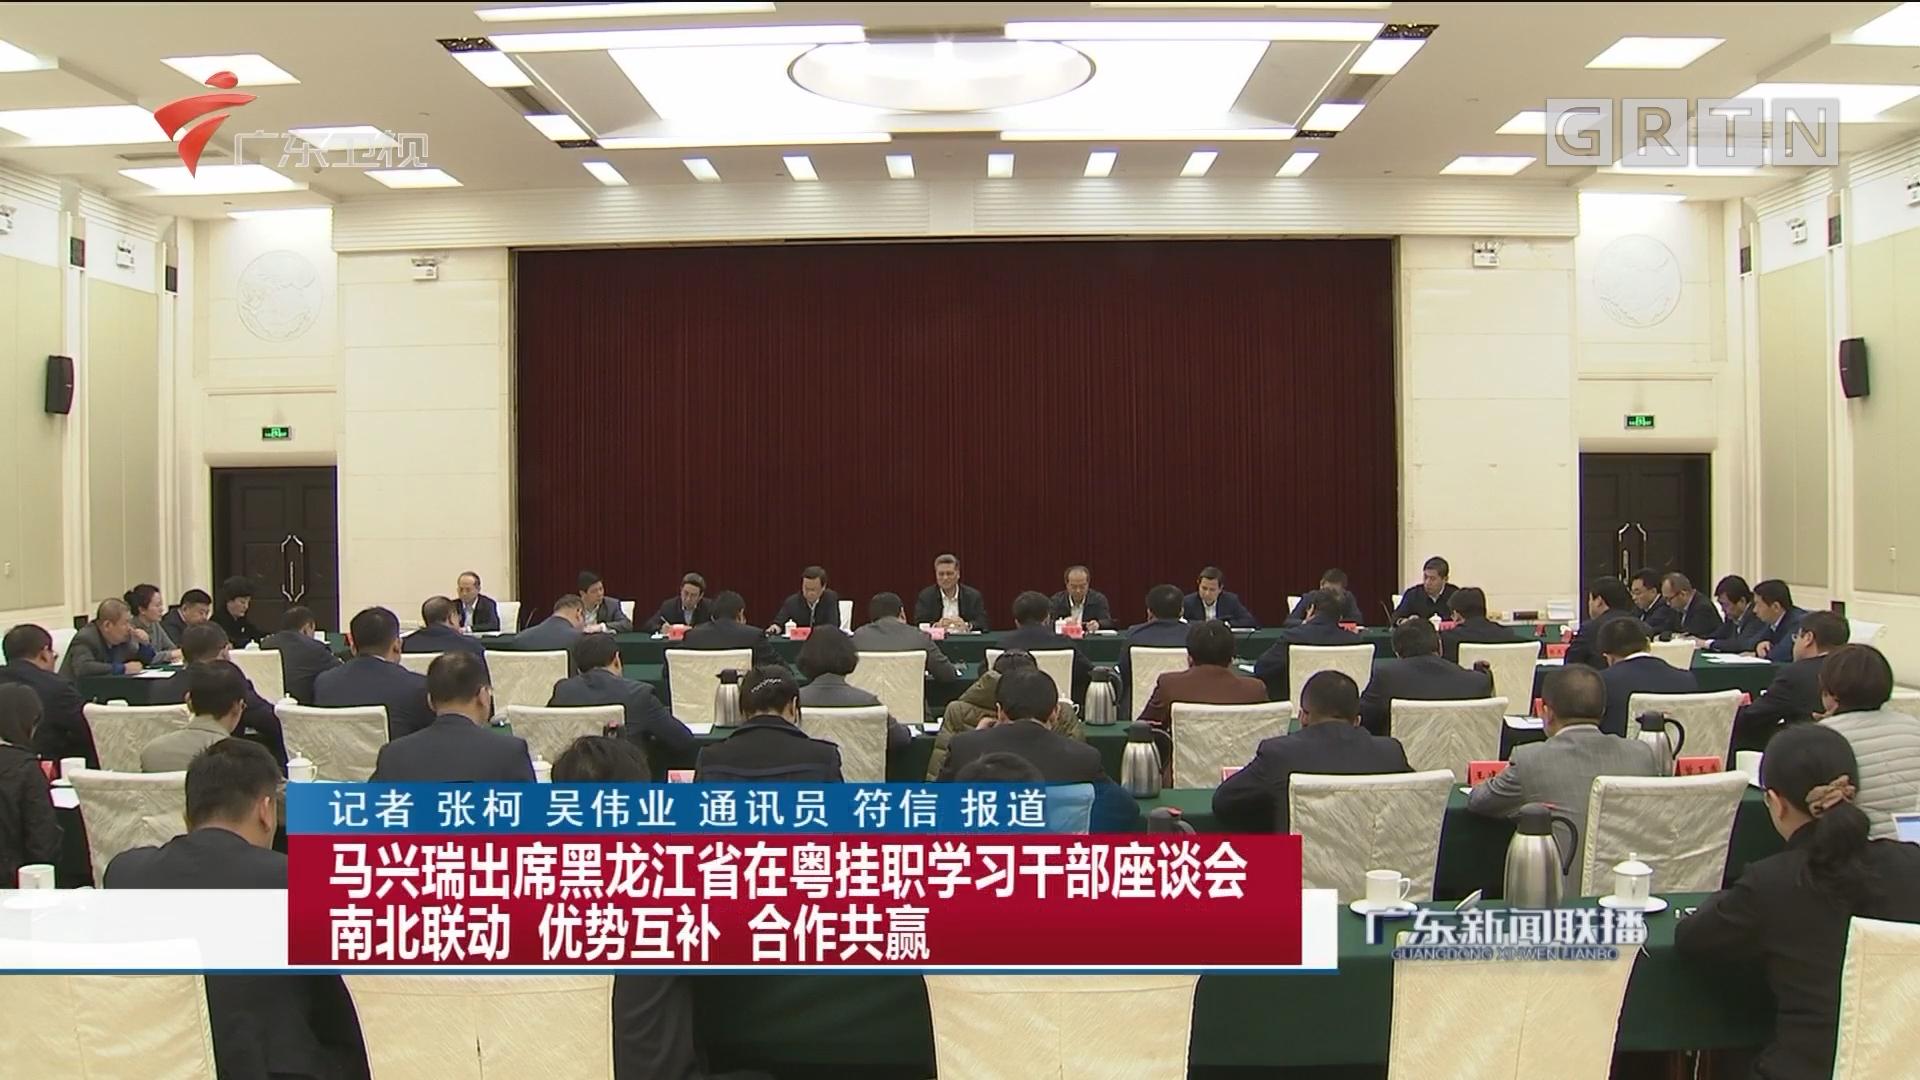 马兴瑞出席黑龙江省在粤挂职学习干部座谈会 南北联动 优势互补 合作共赢